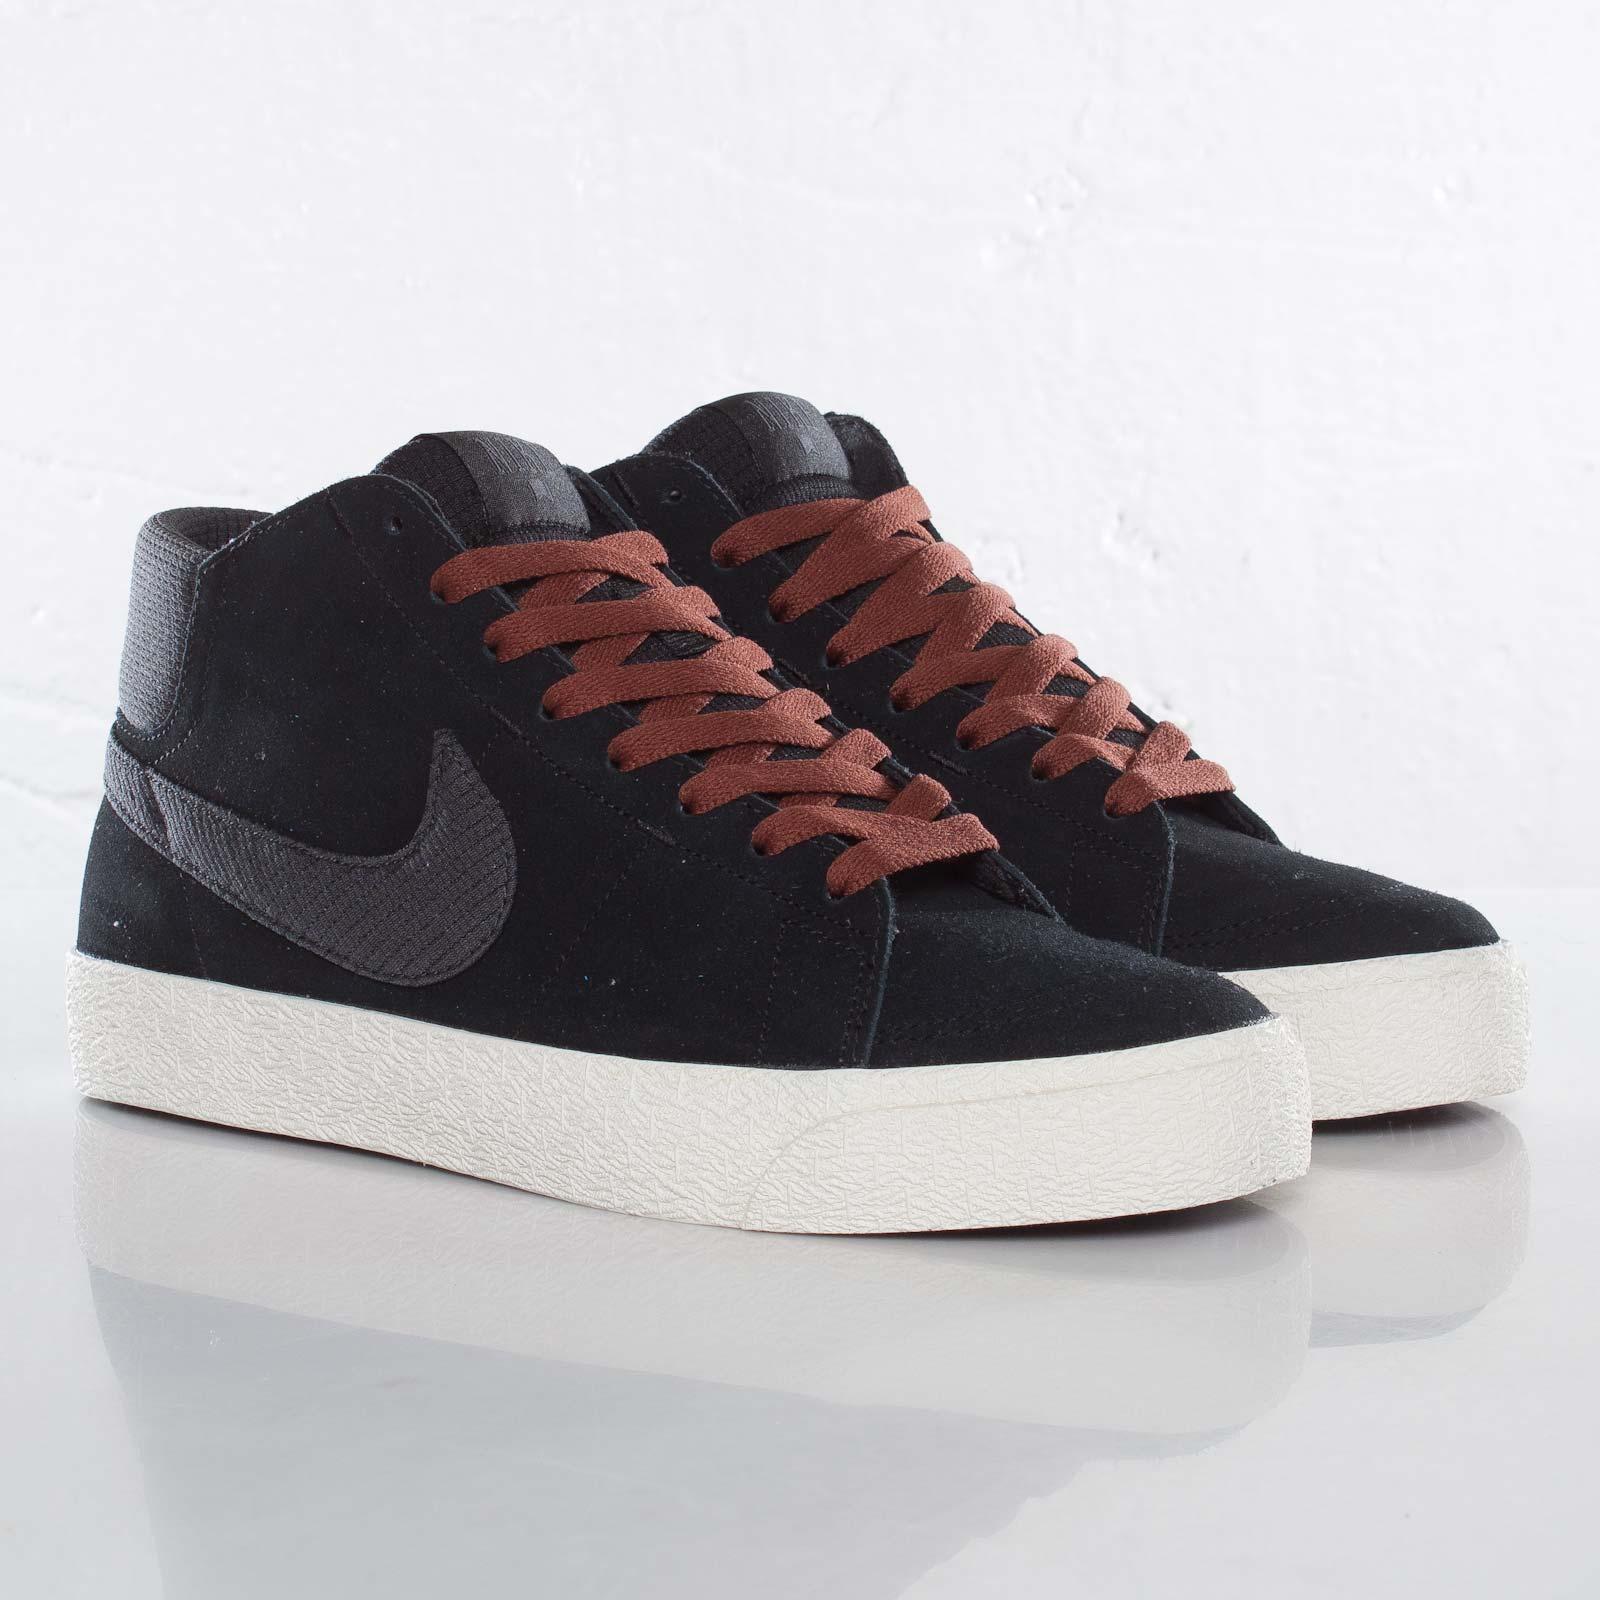 Nike Blazer Mid LR - 510965-002 - SNS | sneakers & streetwear ...